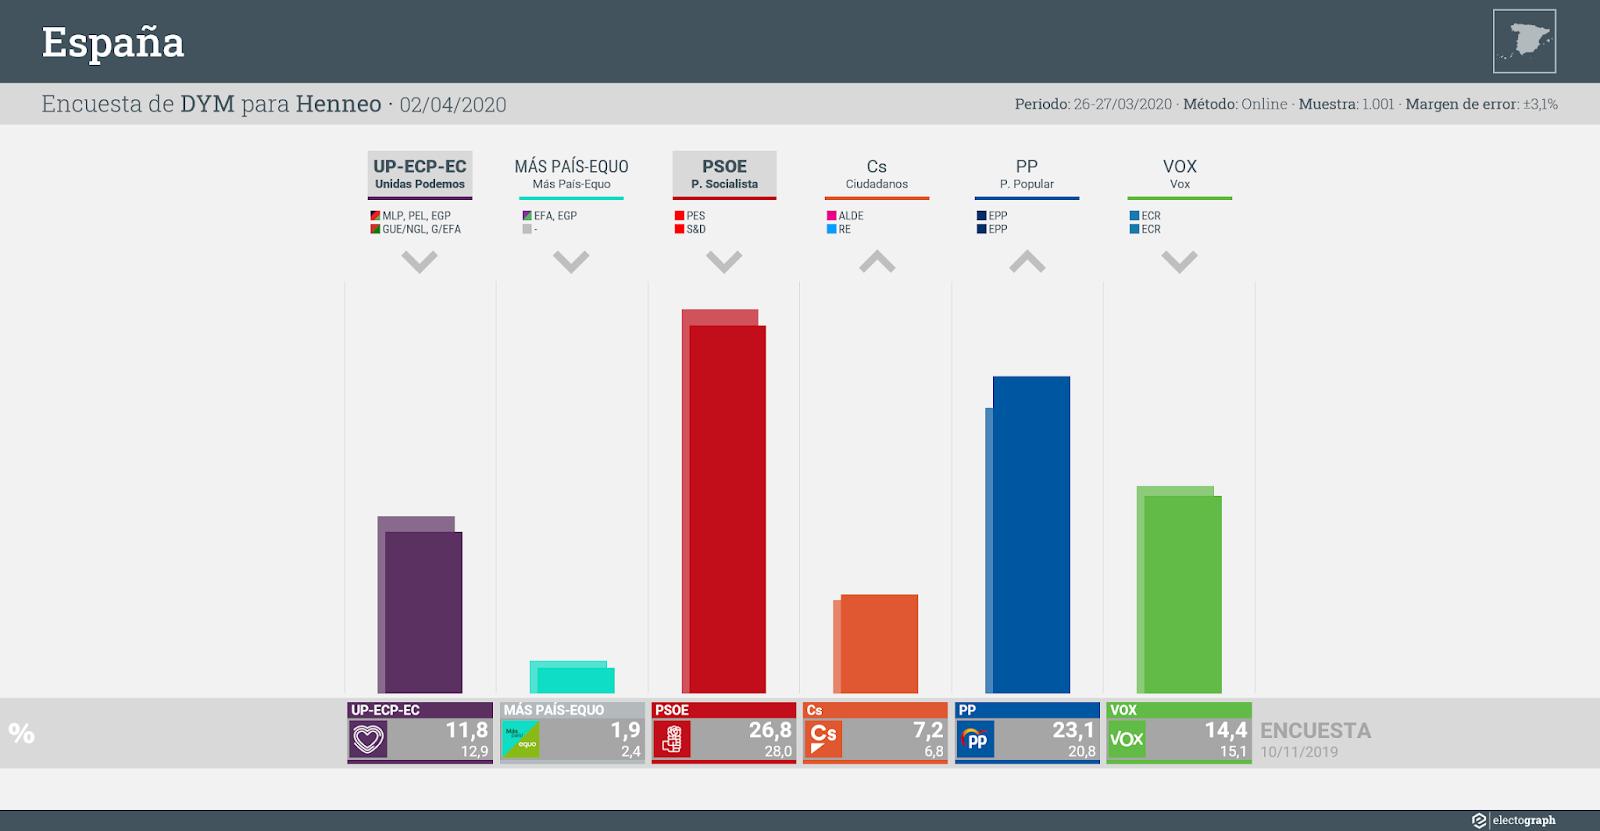 Gráfico de la encuesta para elecciones generales en España realizada por DYM para Henneo, 2 de abril de 2020